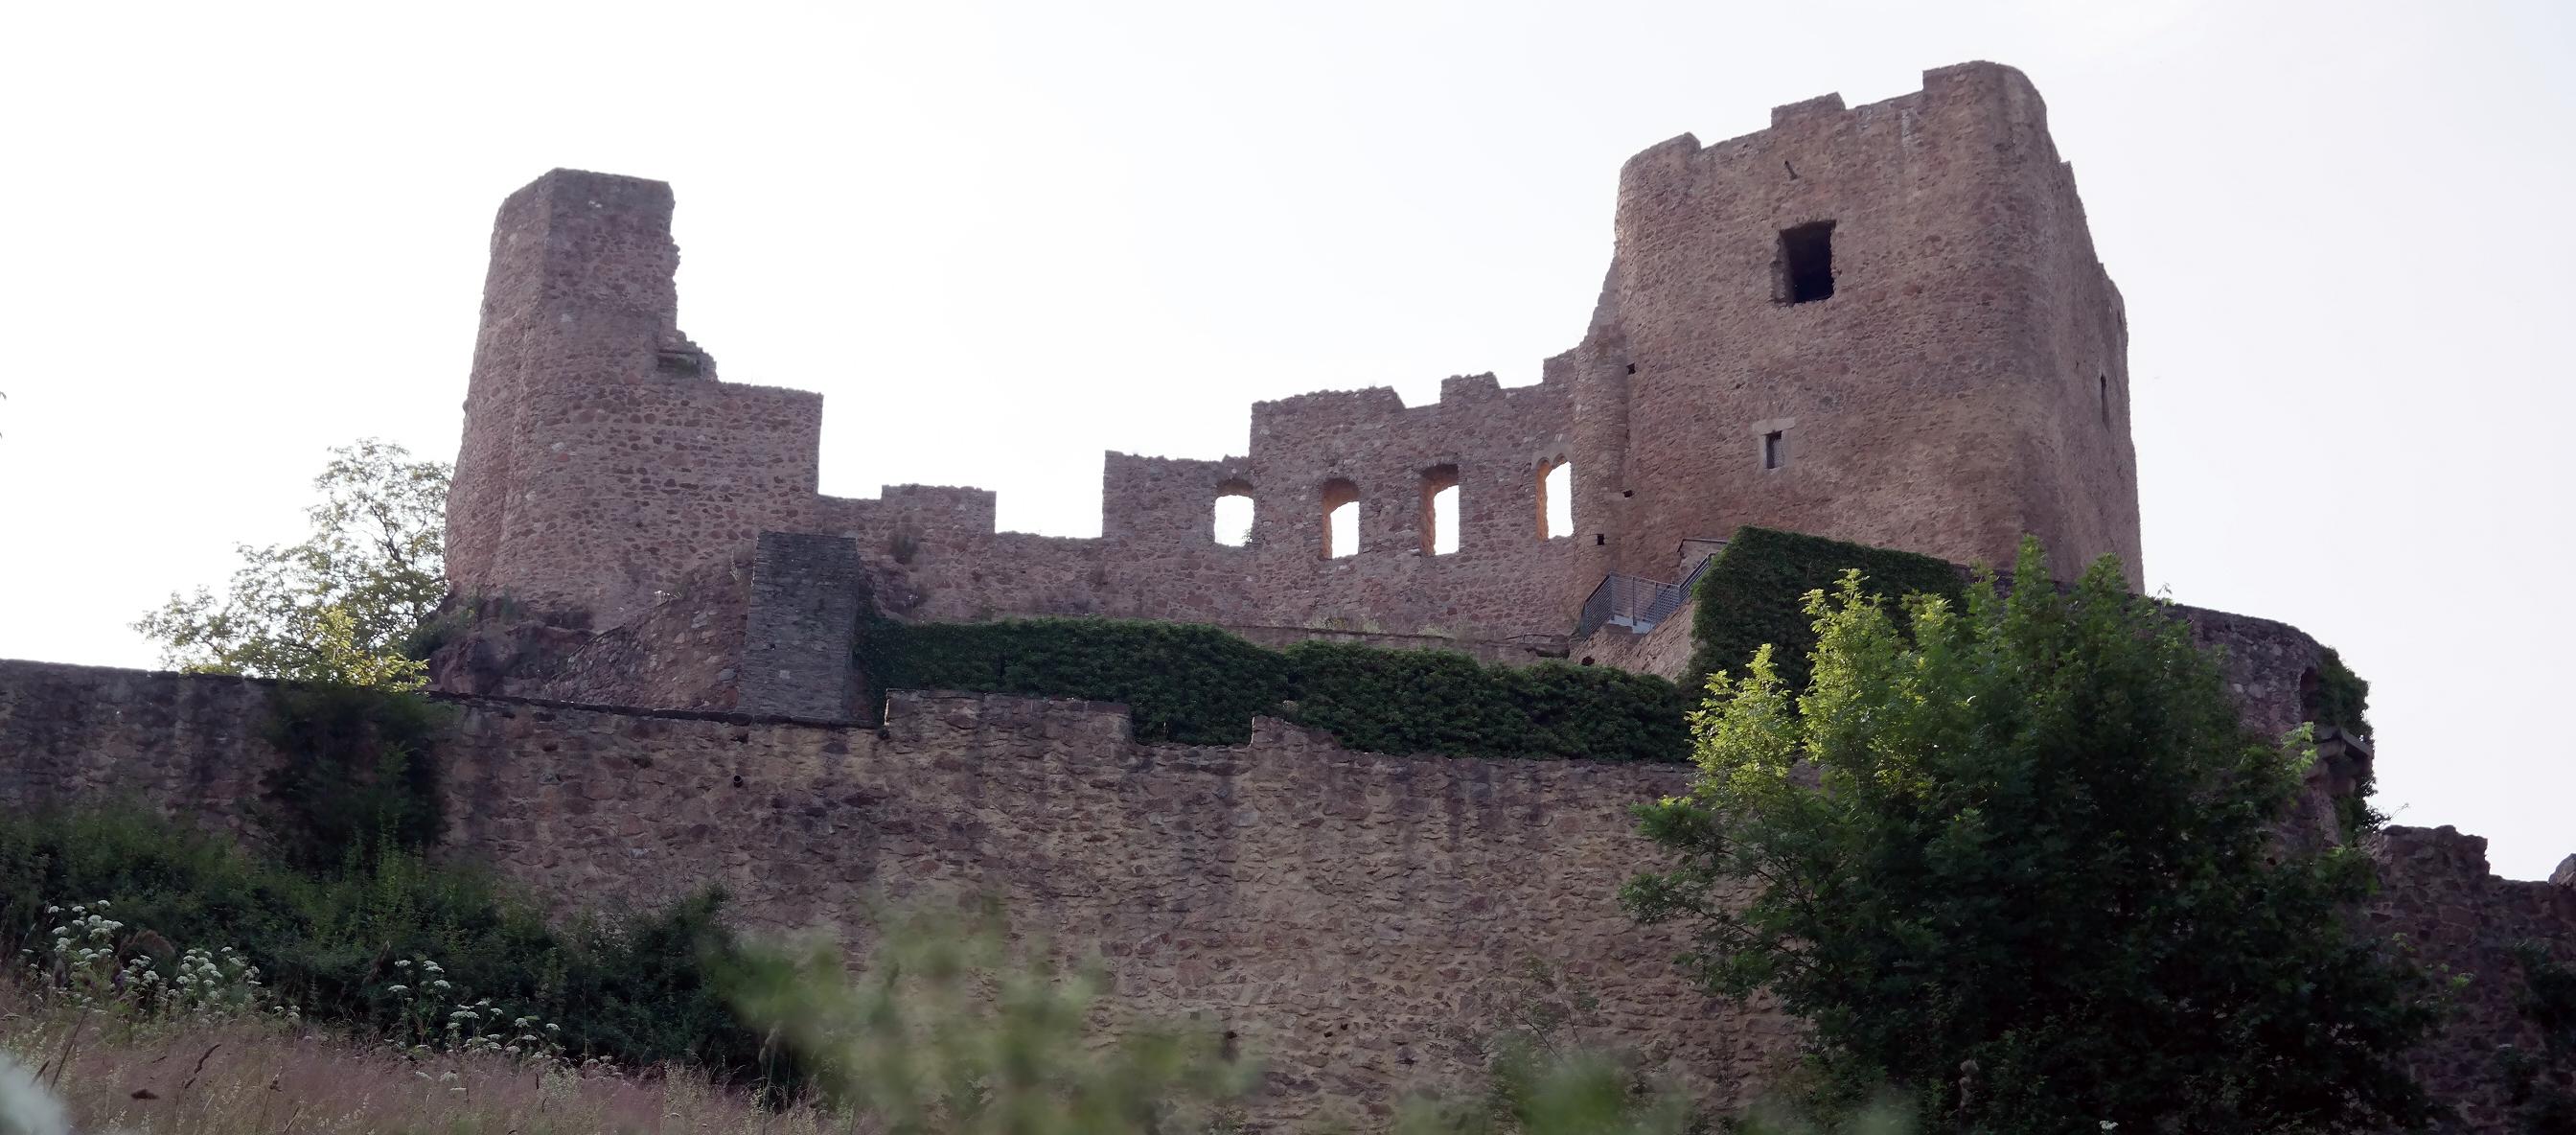 Burgruine Frauenstein – Wie e bissel Schottland